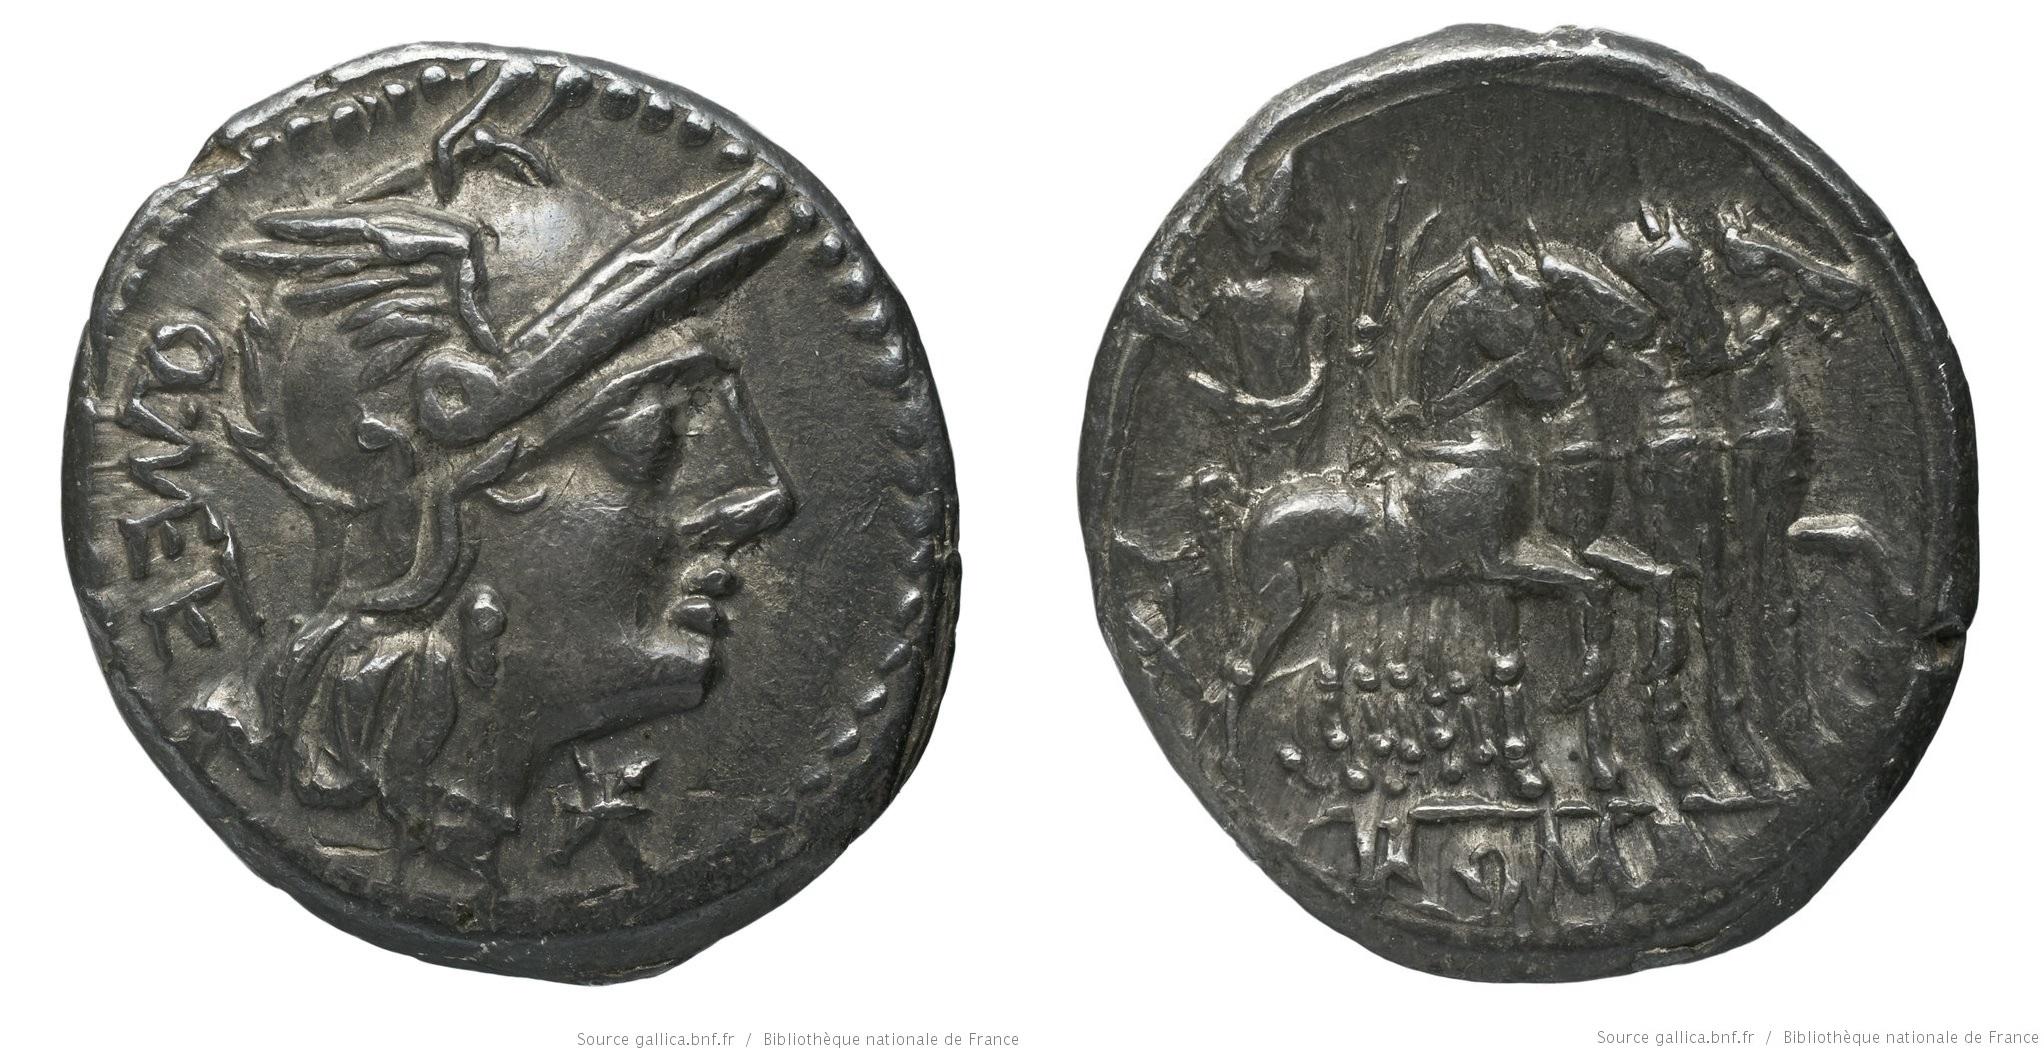 998CA – Denier Caecilia – Quintus Cæcilius Metellus